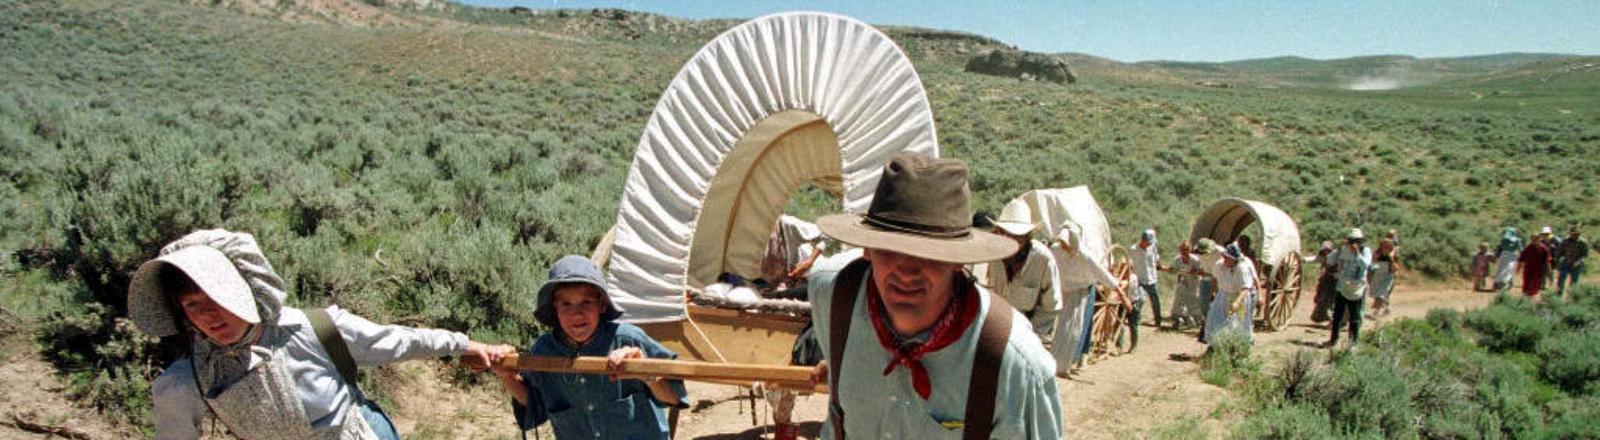 Eine Gruppe von in historischen Kostümen gekleideten Mormonen zieht am 14.07.1997 nahe der Ortschaft The Needles (US-Bundesstaat Wyoming) Handkarren durch die Steppe.